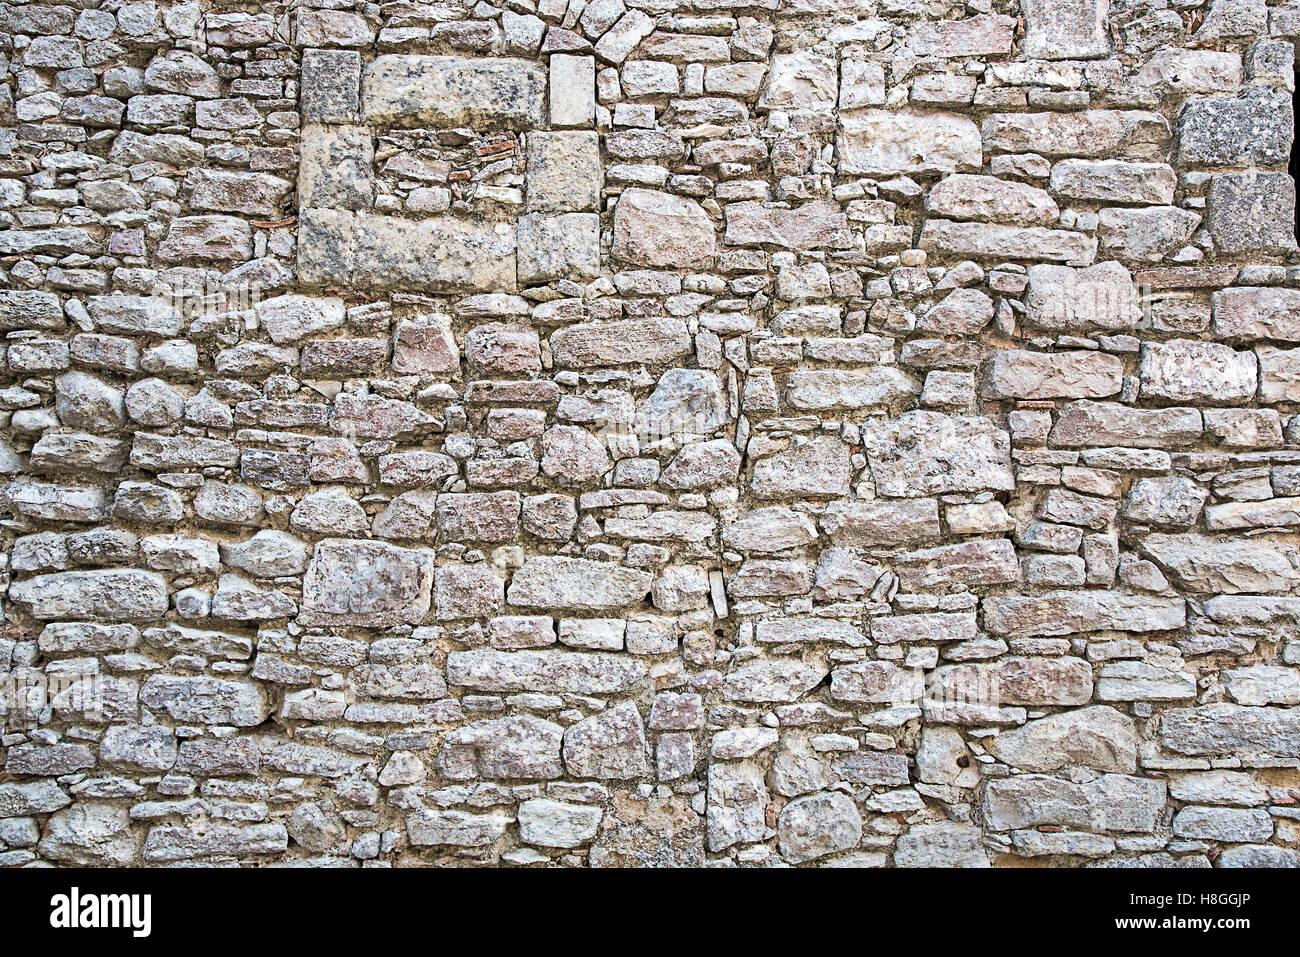 wand aus naturstein, hintergrund von einer rauen wand aus naturstein stockfoto, bild, Design ideen